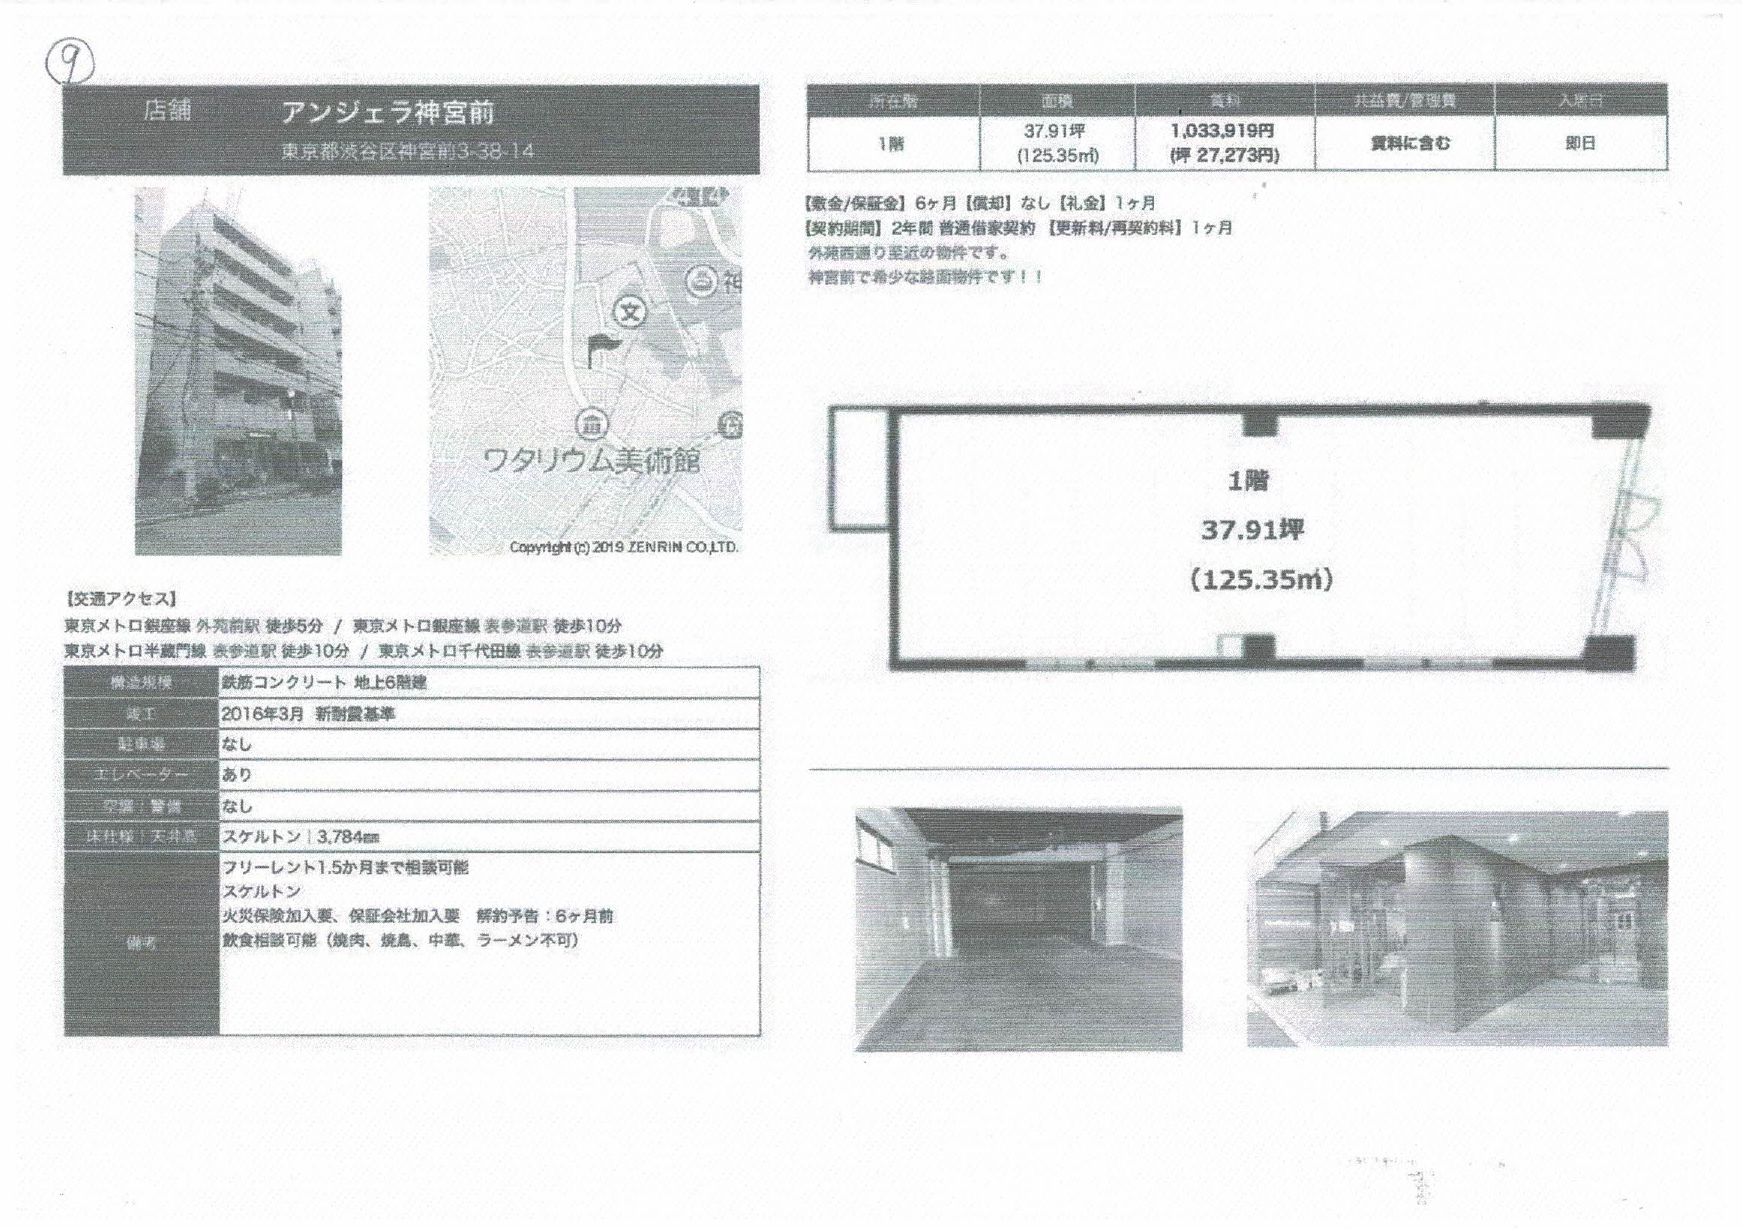 渋谷区神宮前の好物件!多数路線でのアクセス可能!2016年竣工!